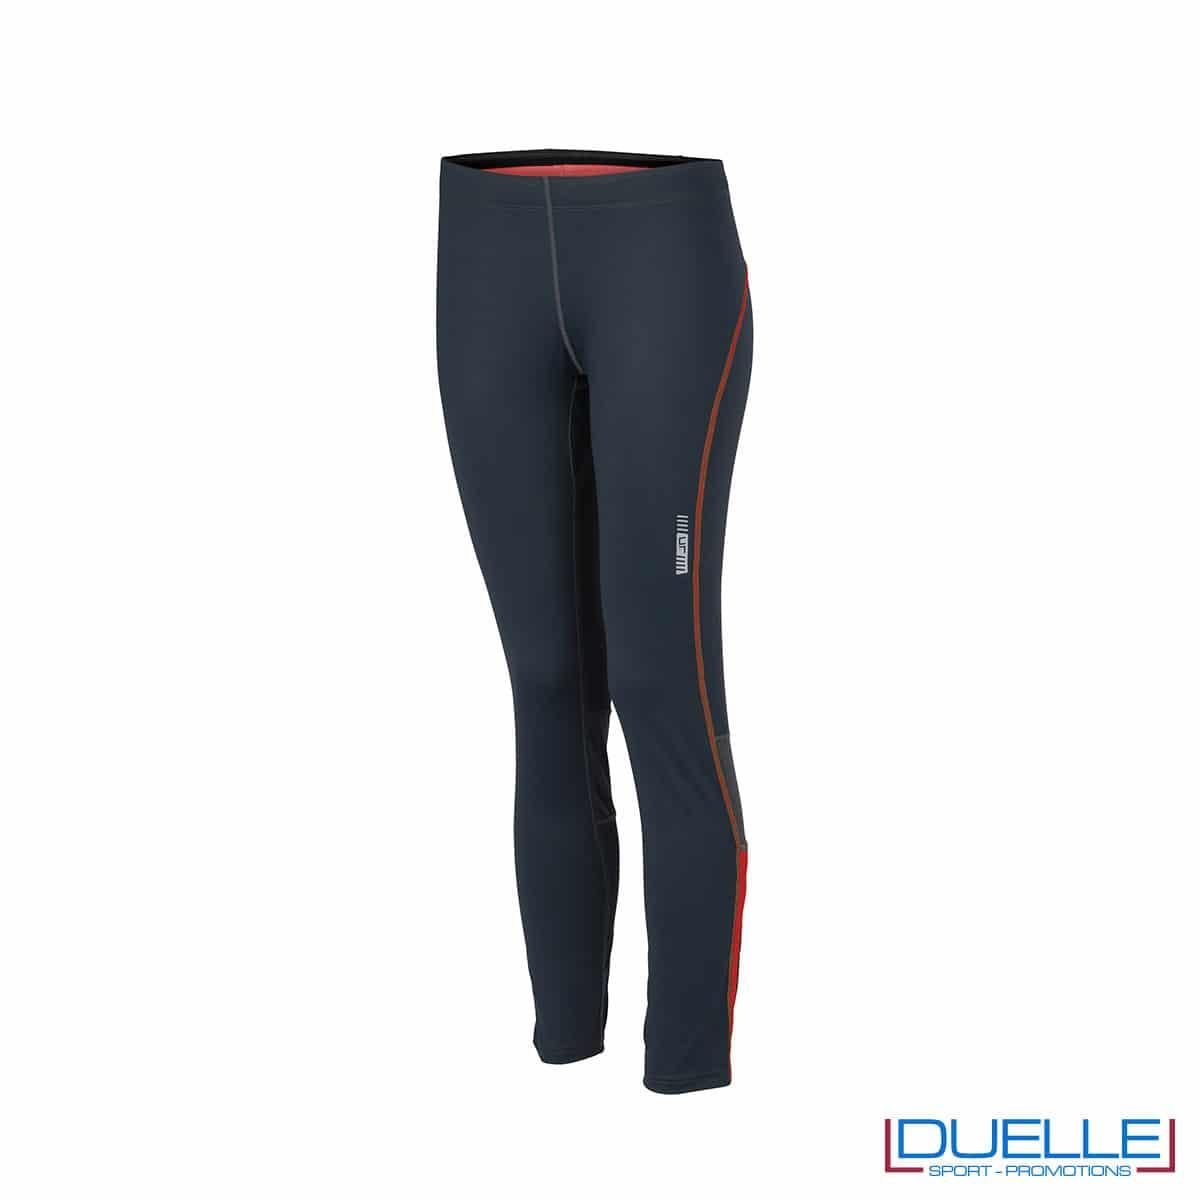 Pantaloni corsa donna antracite/arancione personalizzati